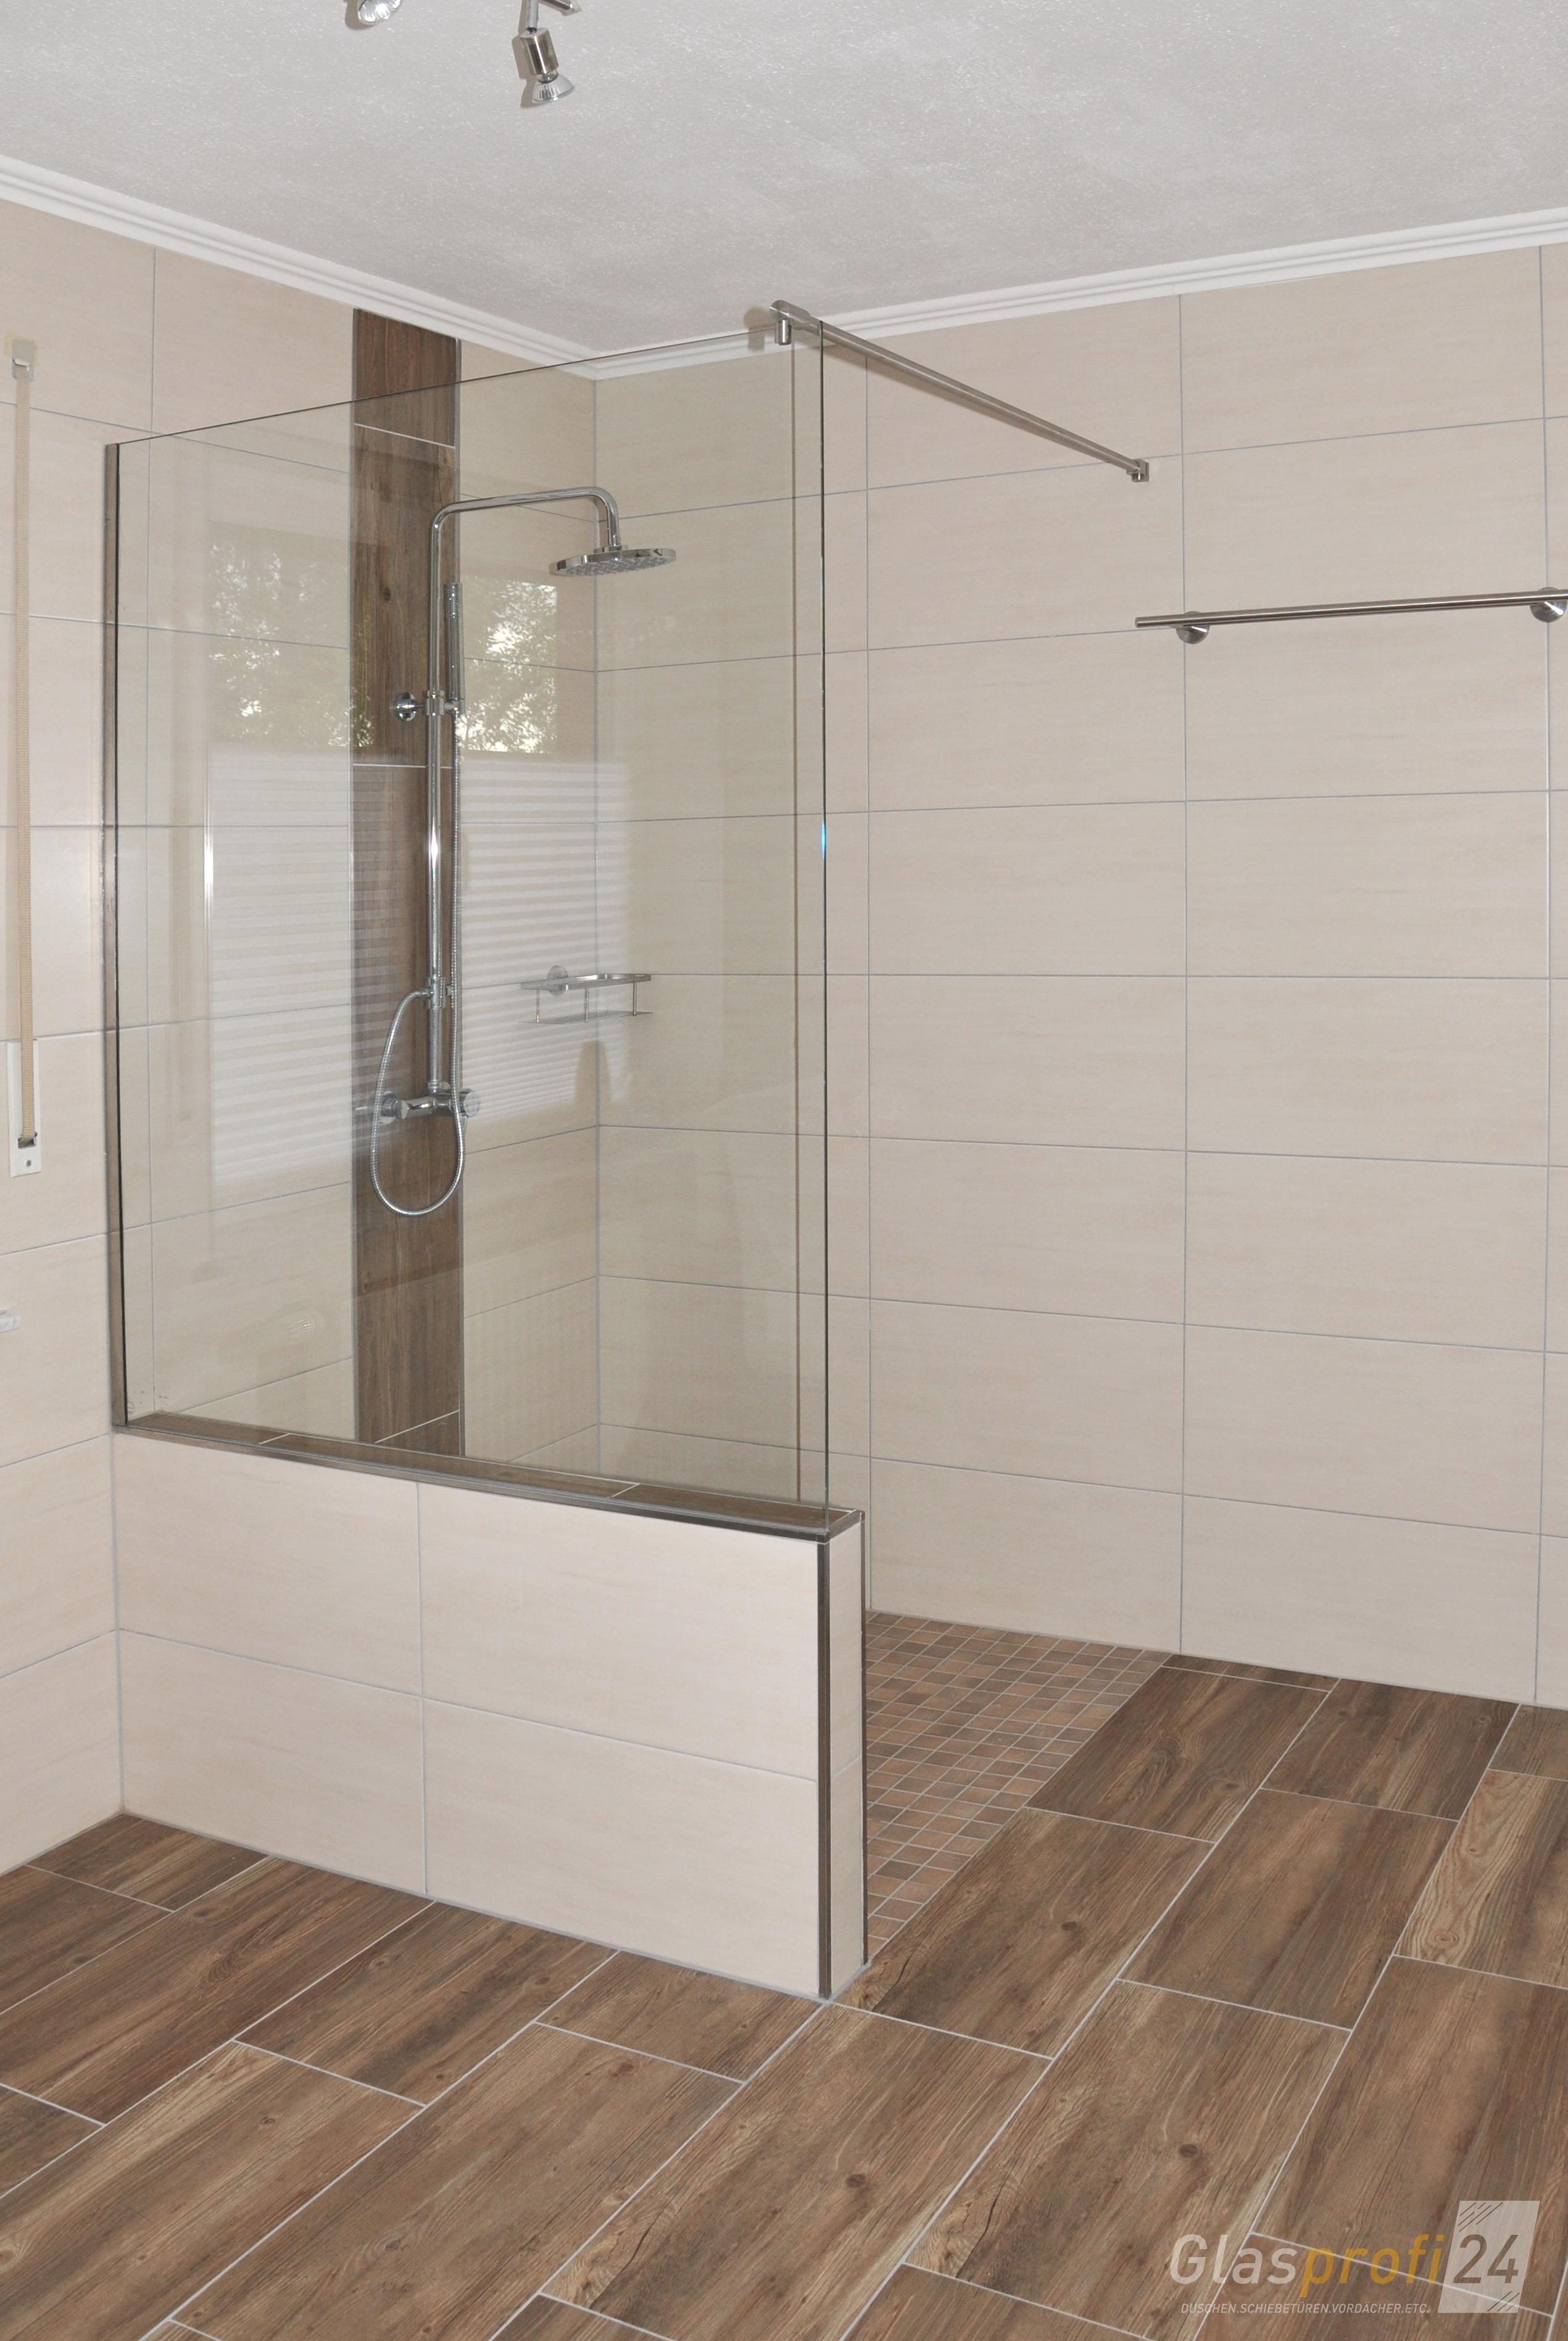 Badewannen anschluss als glasdusche glasprofi24 for Badewanne mit duschkabine